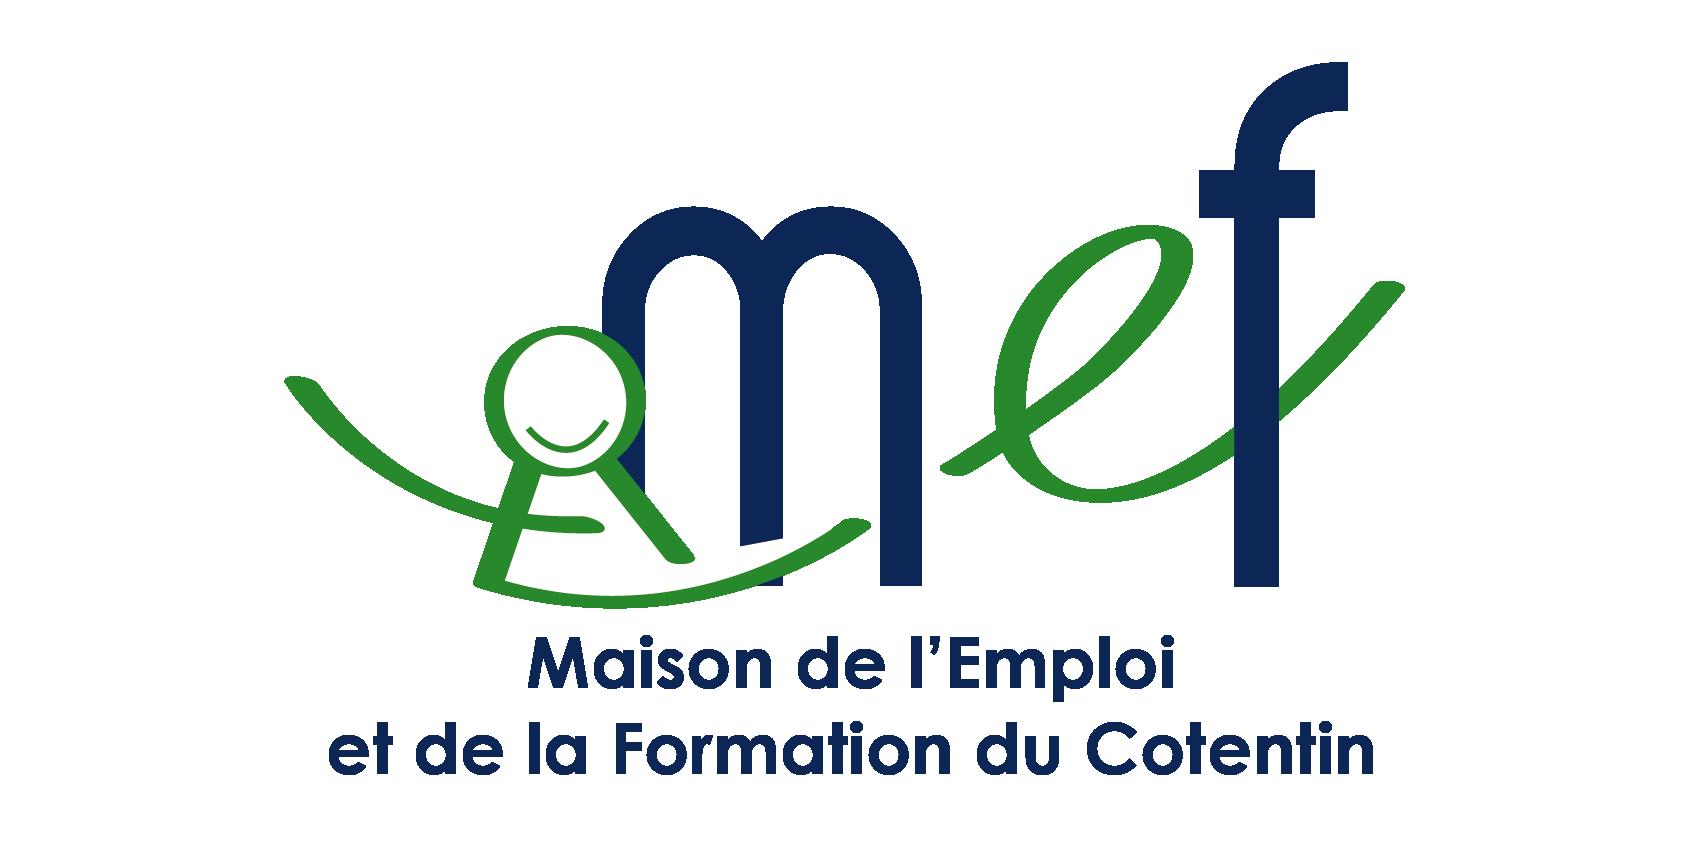 MEF Cotentin